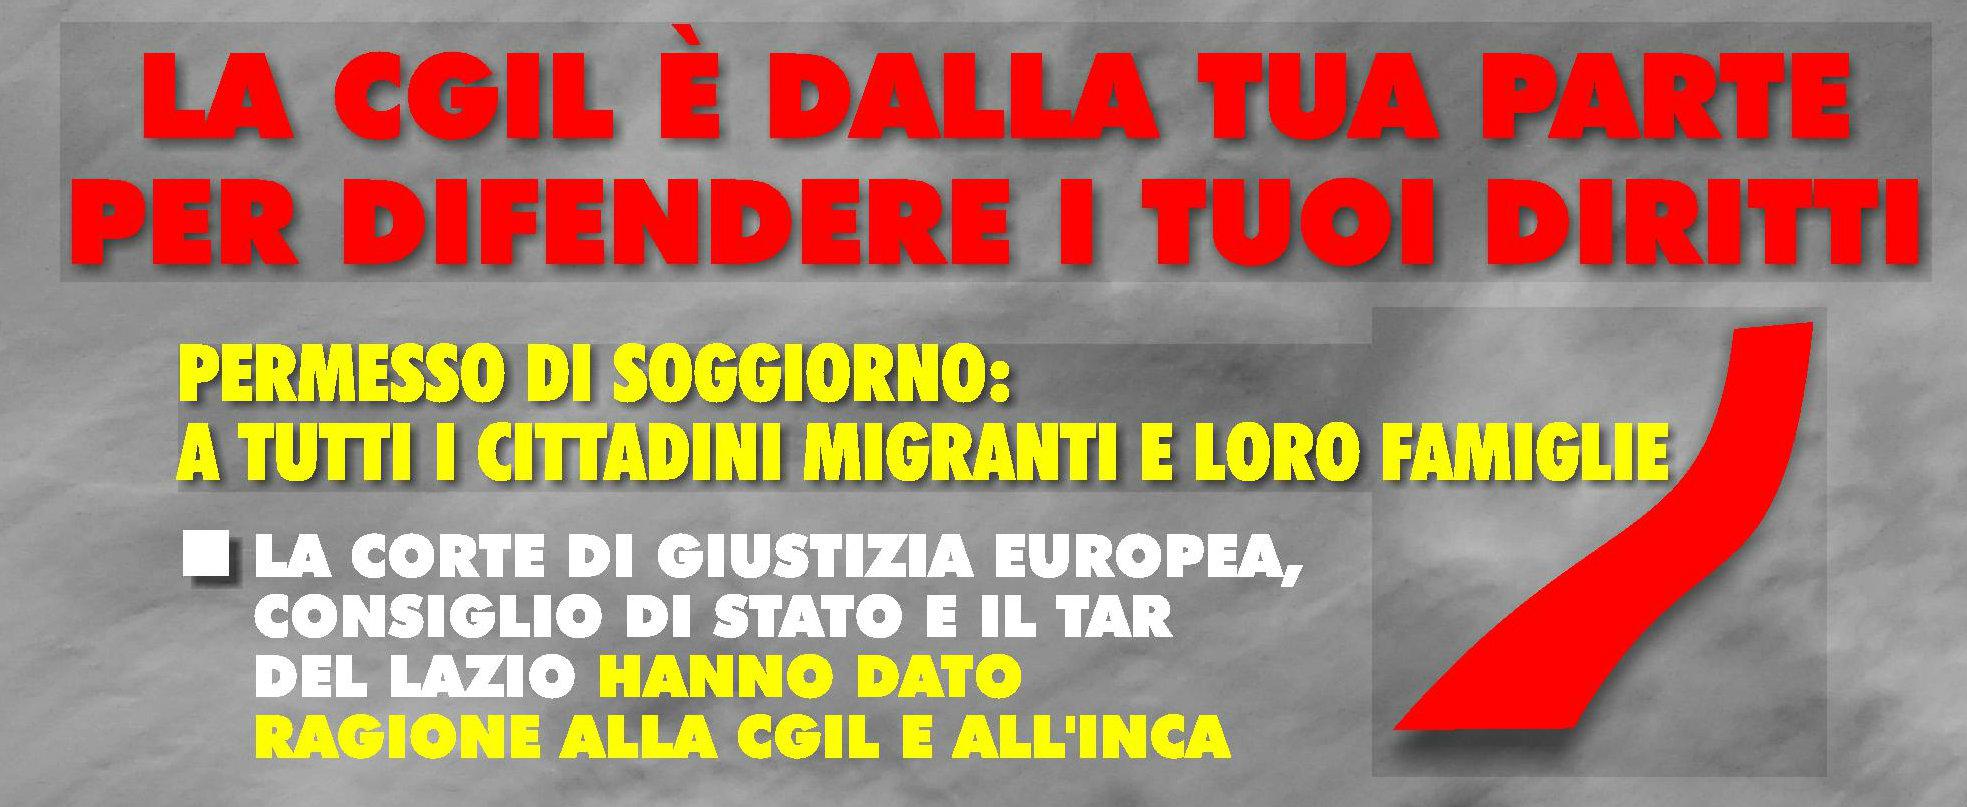 INCA Bologna - Ingresso per lavoro subordinato